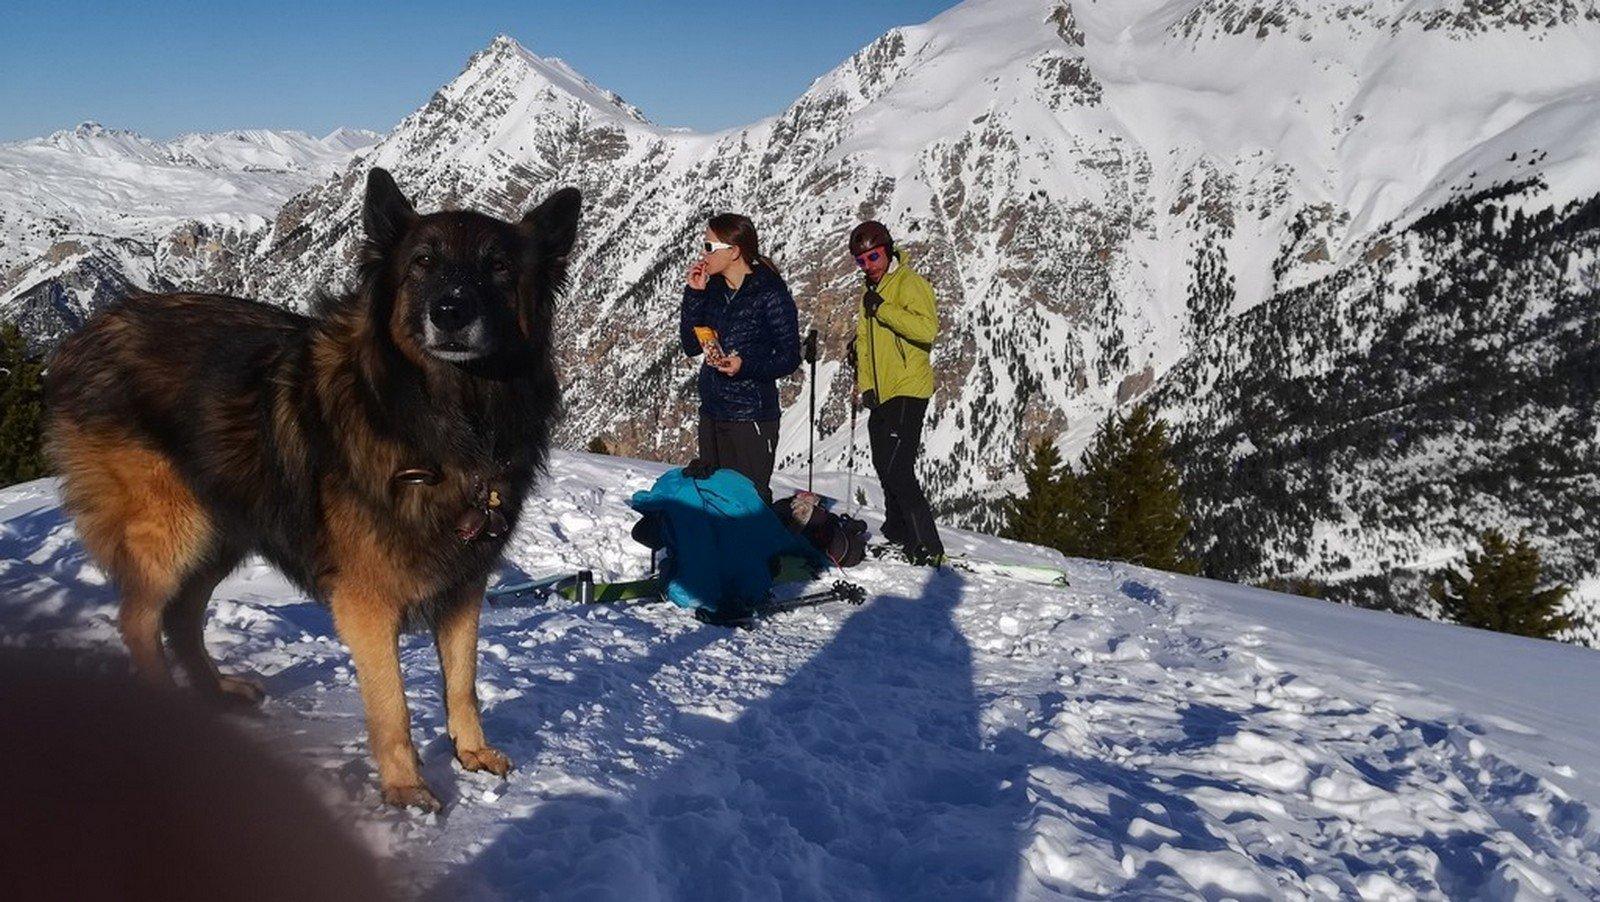 Halya e amici in cima. vista Lasseron e monti della Luna